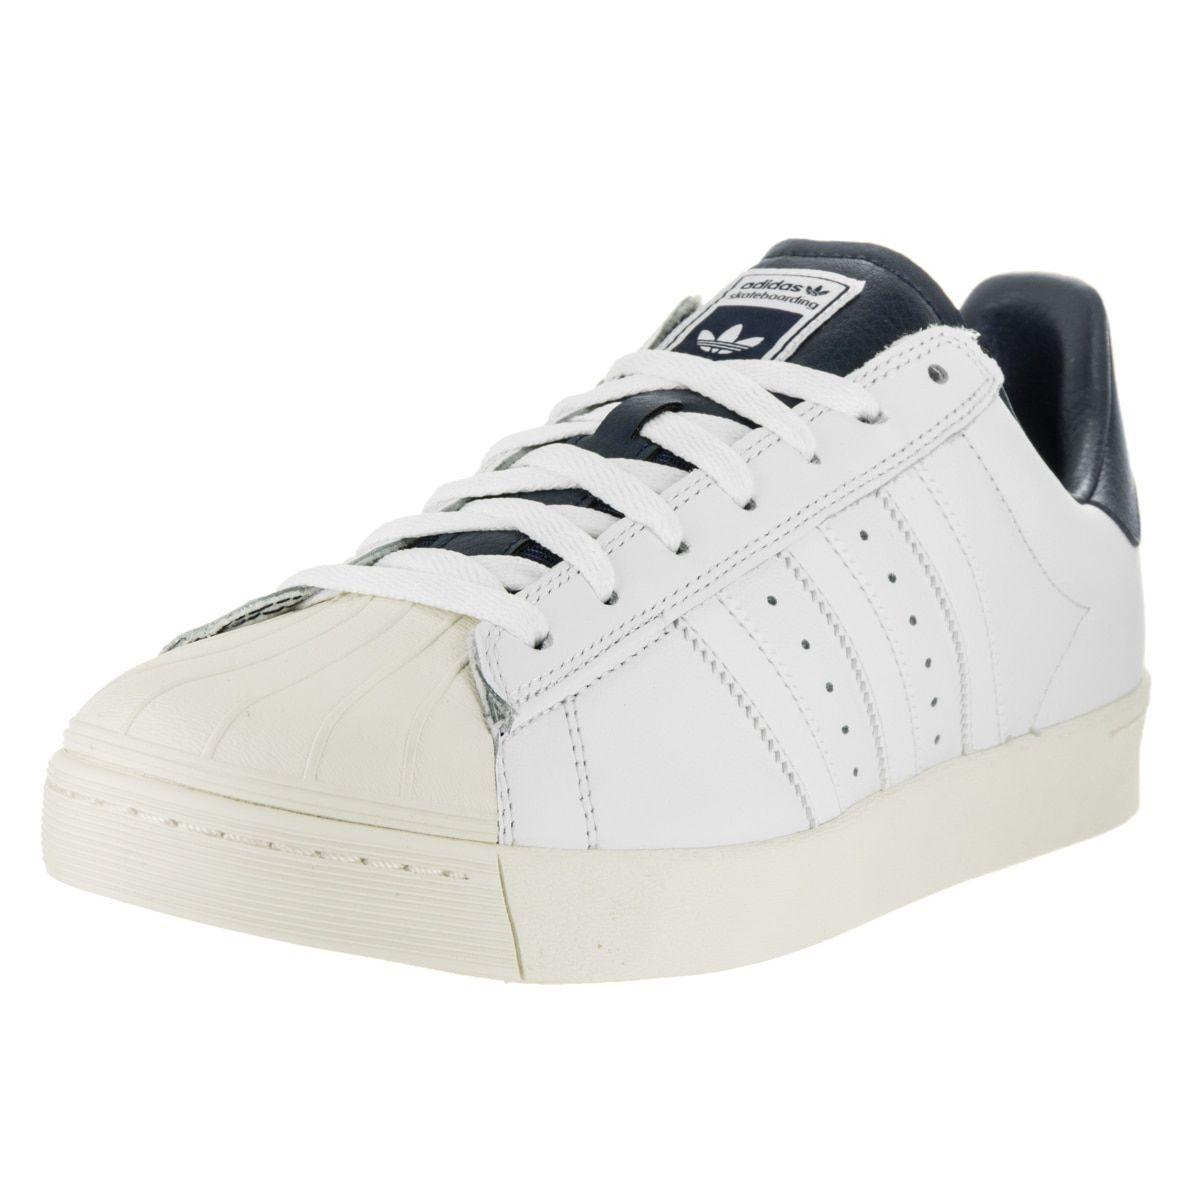 f32e4af853c4 Adidas Men s Superstar Vulc Adv Ftwwht